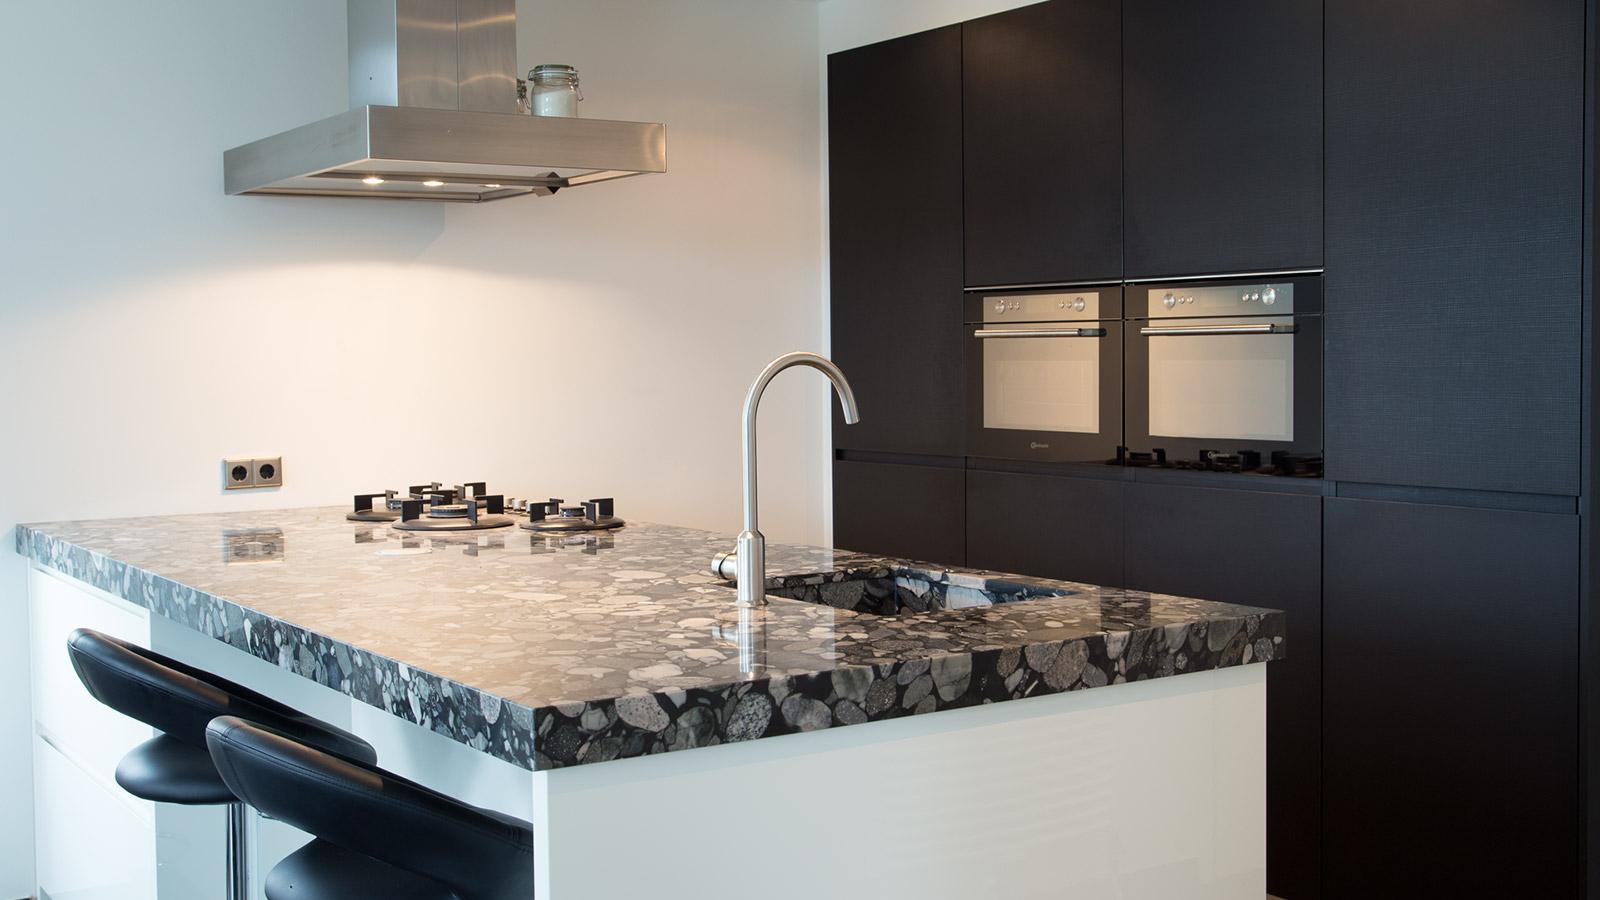 Design Hoogglans Keuken : Hoogglans keuken cvh design maatinterieur voor wonen en werken